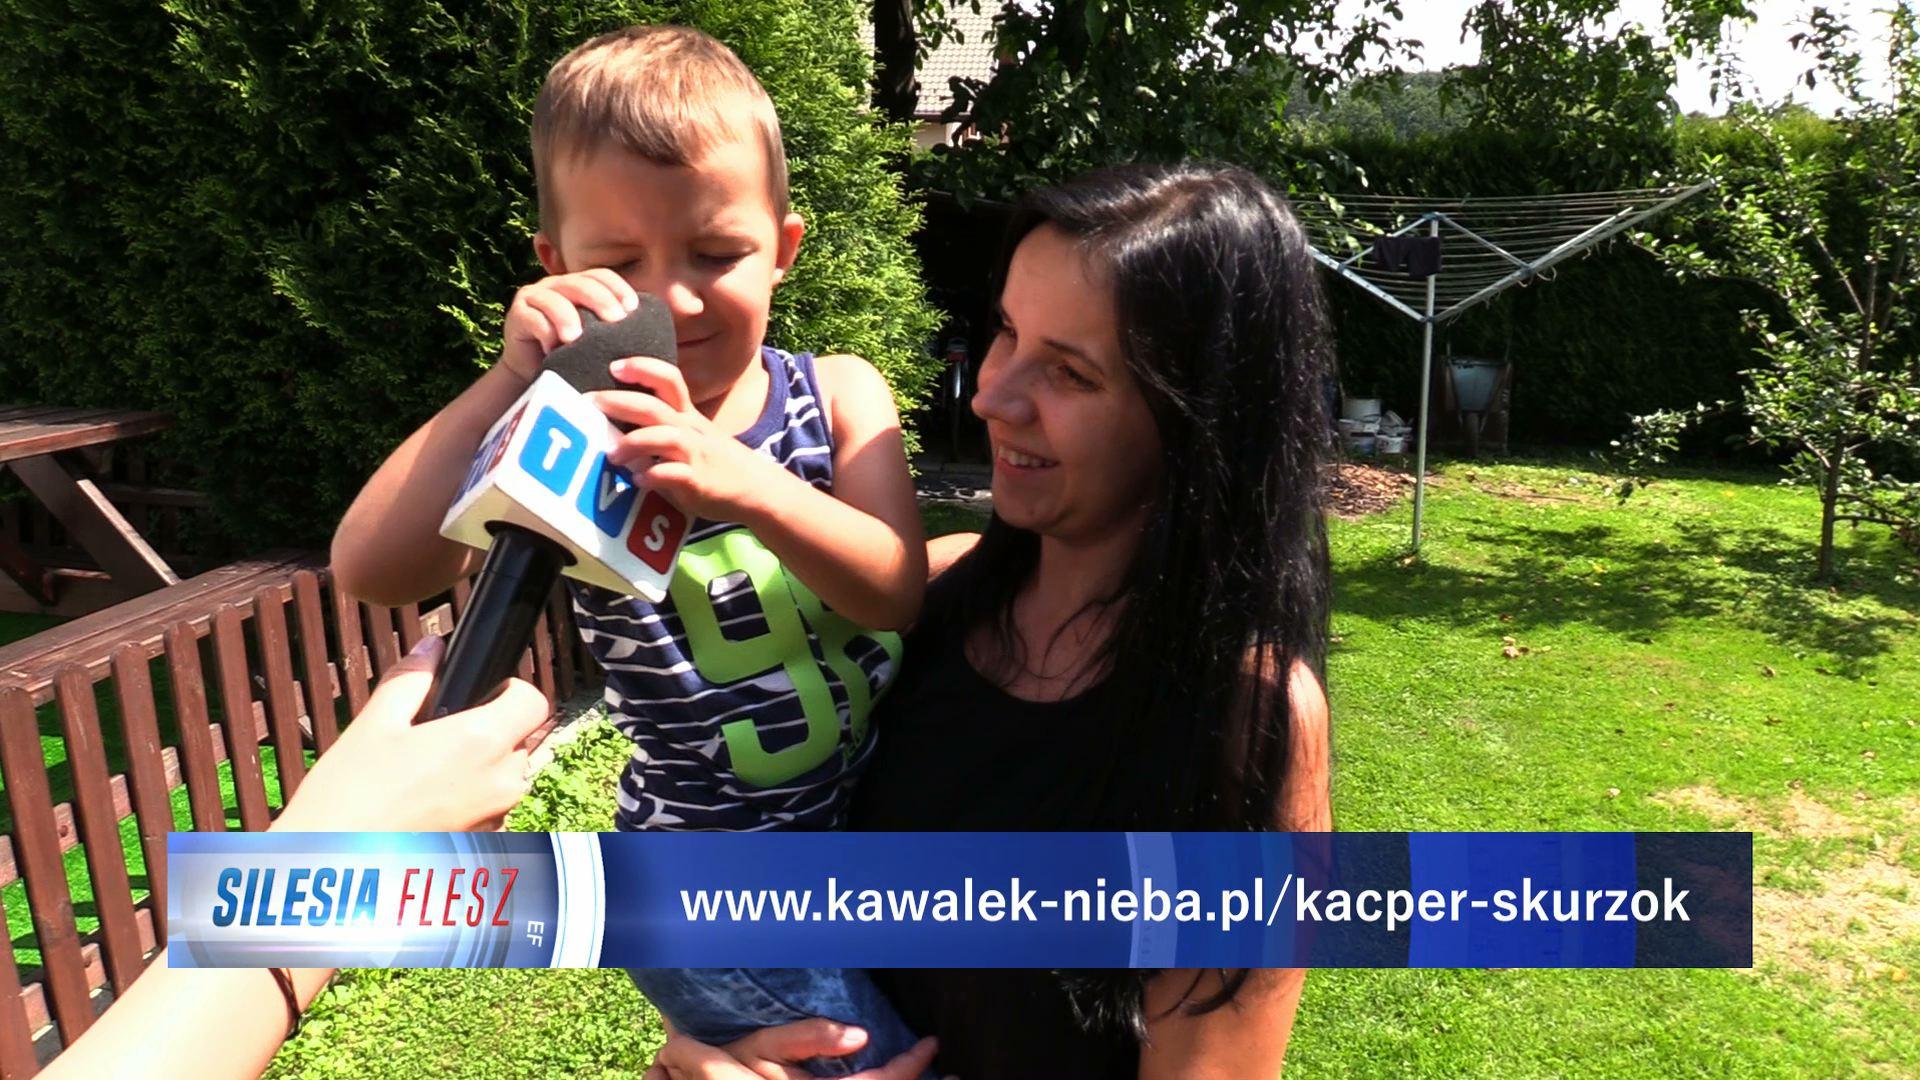 Ania Bielska o mało nie zginął, teraz walczy o życie 3-letniego synka